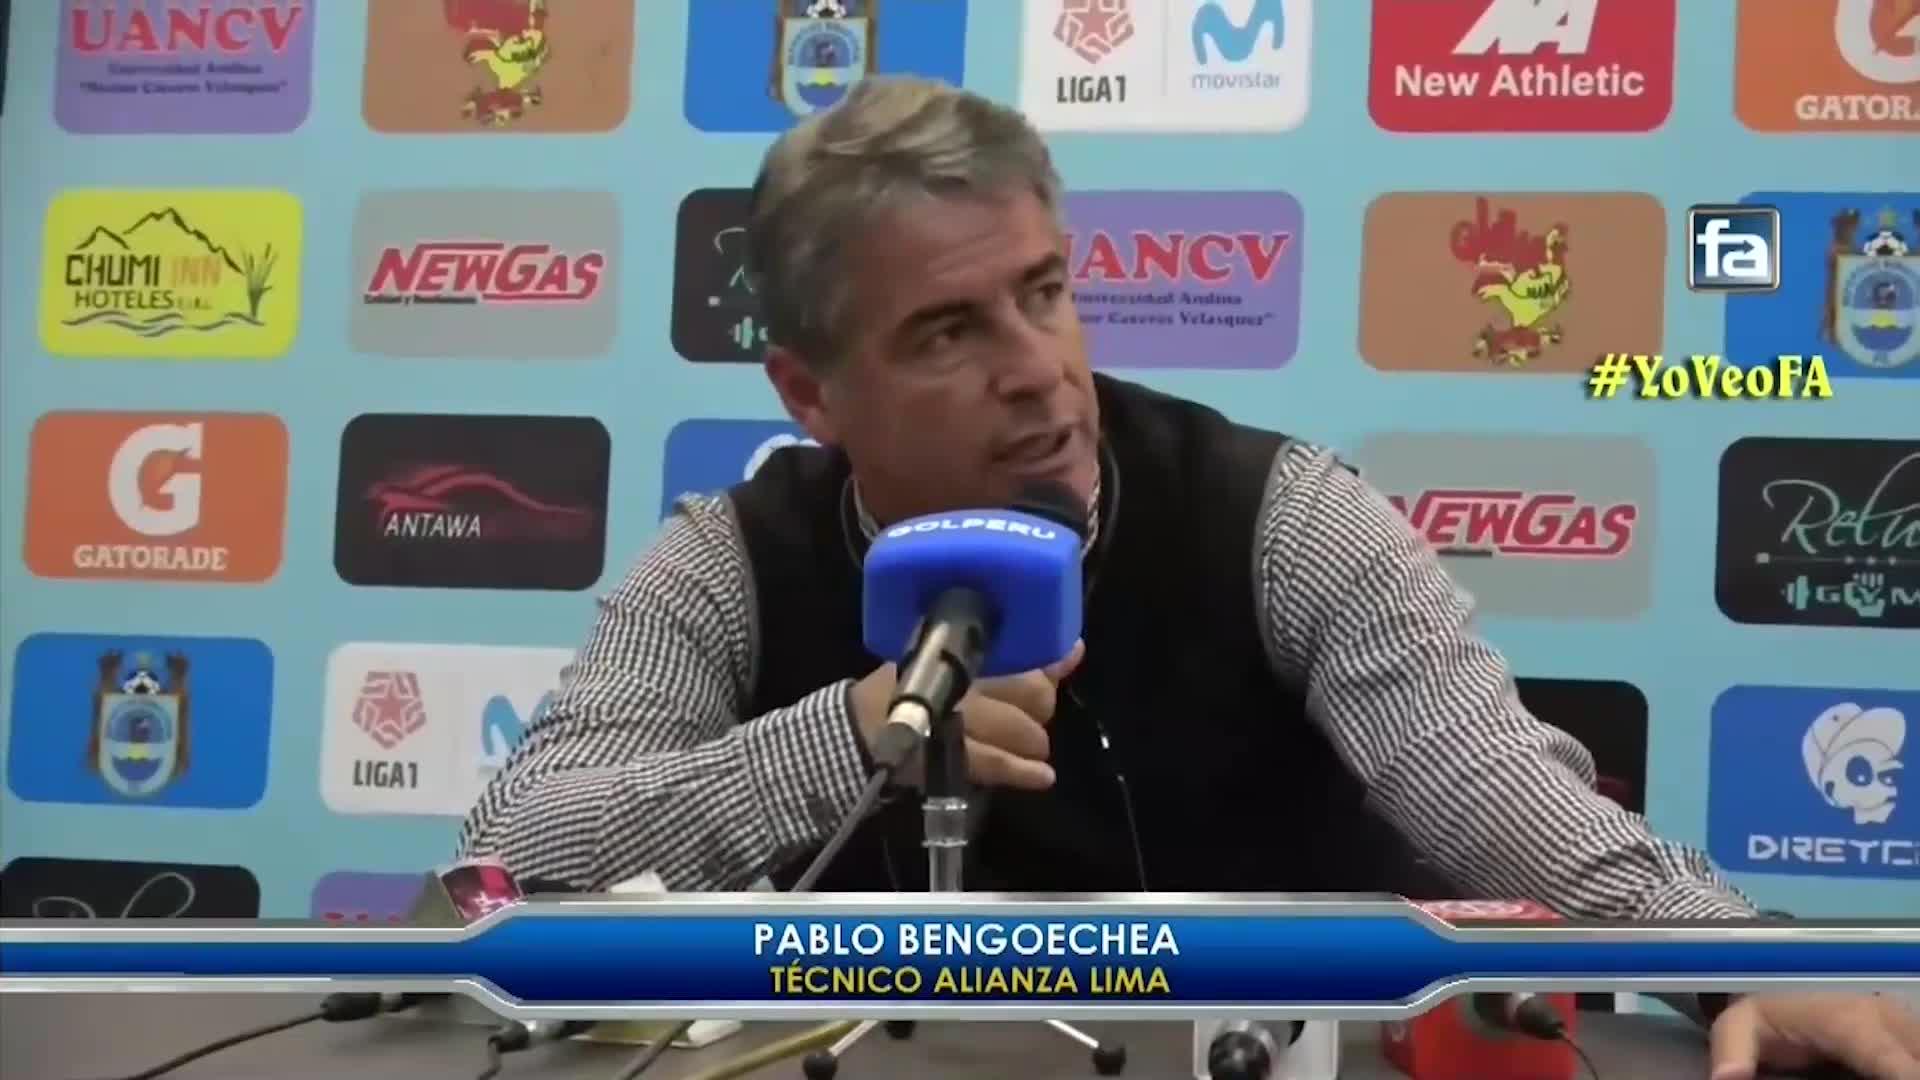 """Bengoechea se mostró indignado por el arbitraje: """"El VAR se iba a equivocar en contra de nosotros"""""""